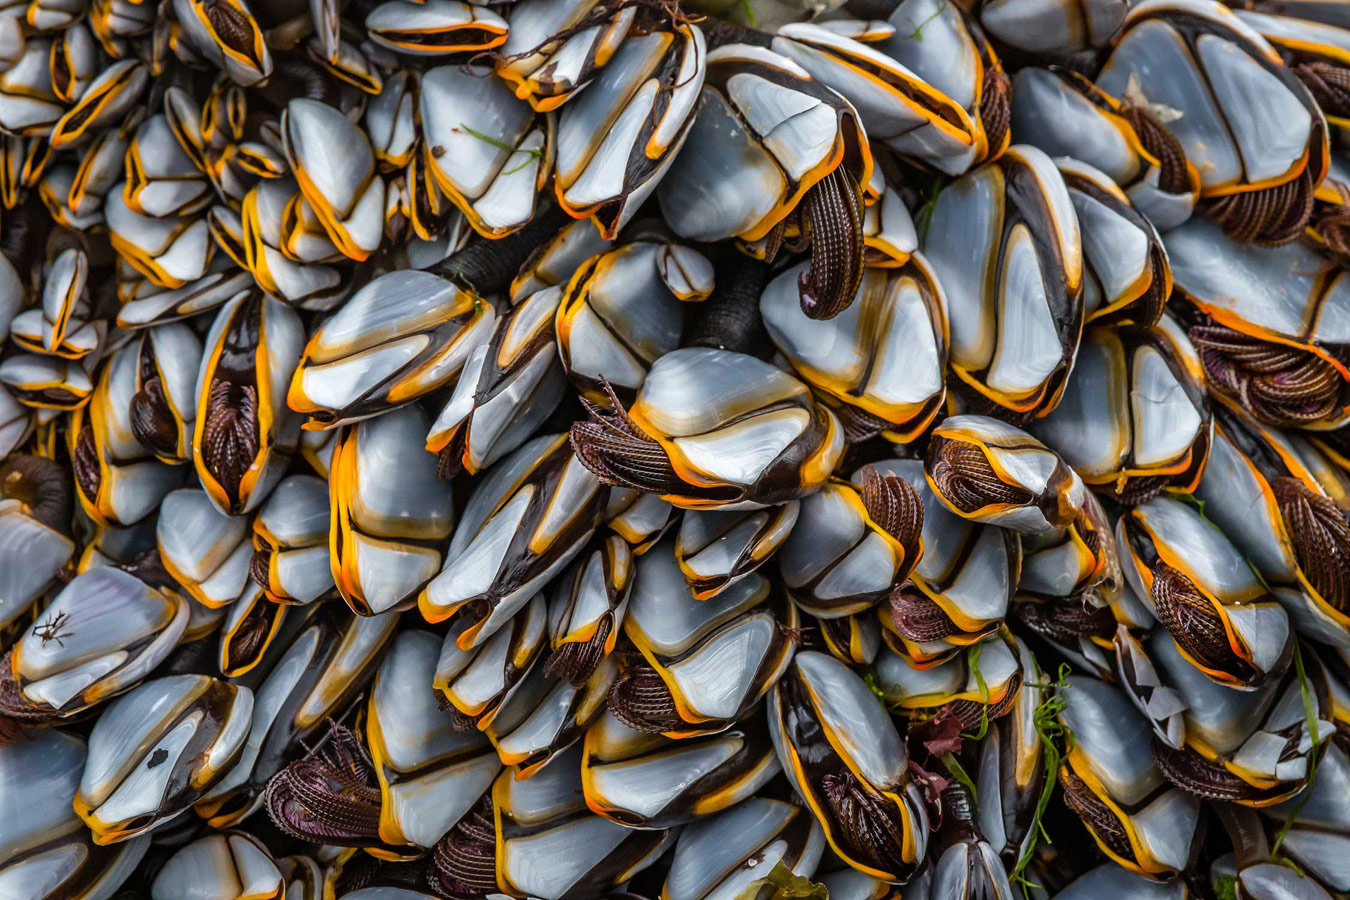 Гусиная ракушка. Санна Бэй, Хайленд, © Дэвид Беннетт, Конкурс фотографий дикой природы British Wildlife